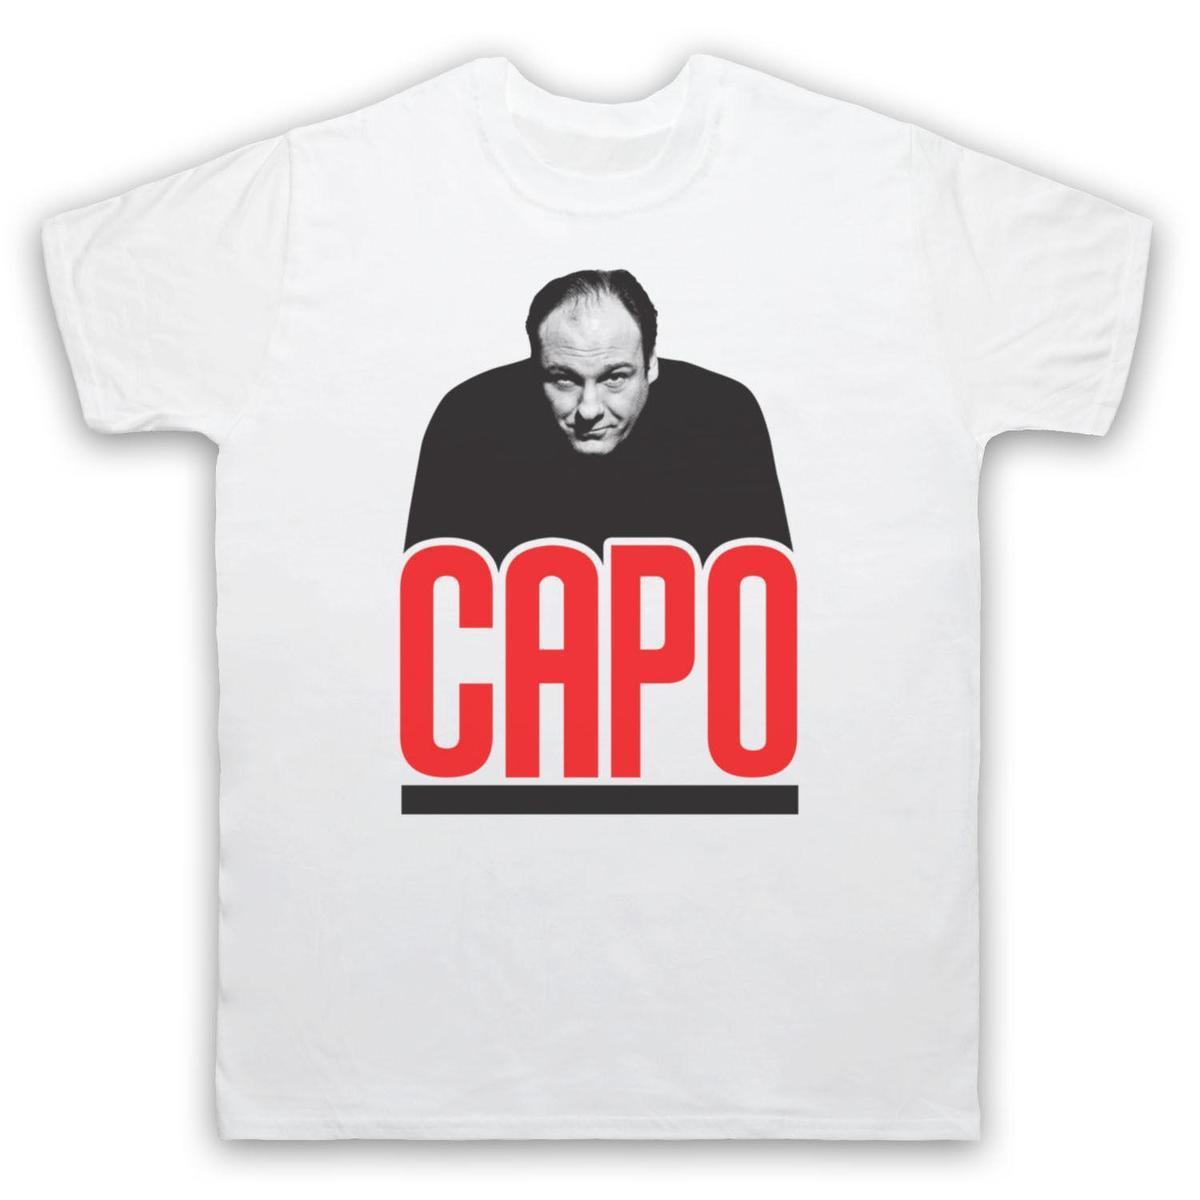 Mafia Capo Tony Soprano Unofficial The Sopranos T Shirt Mens Sizes